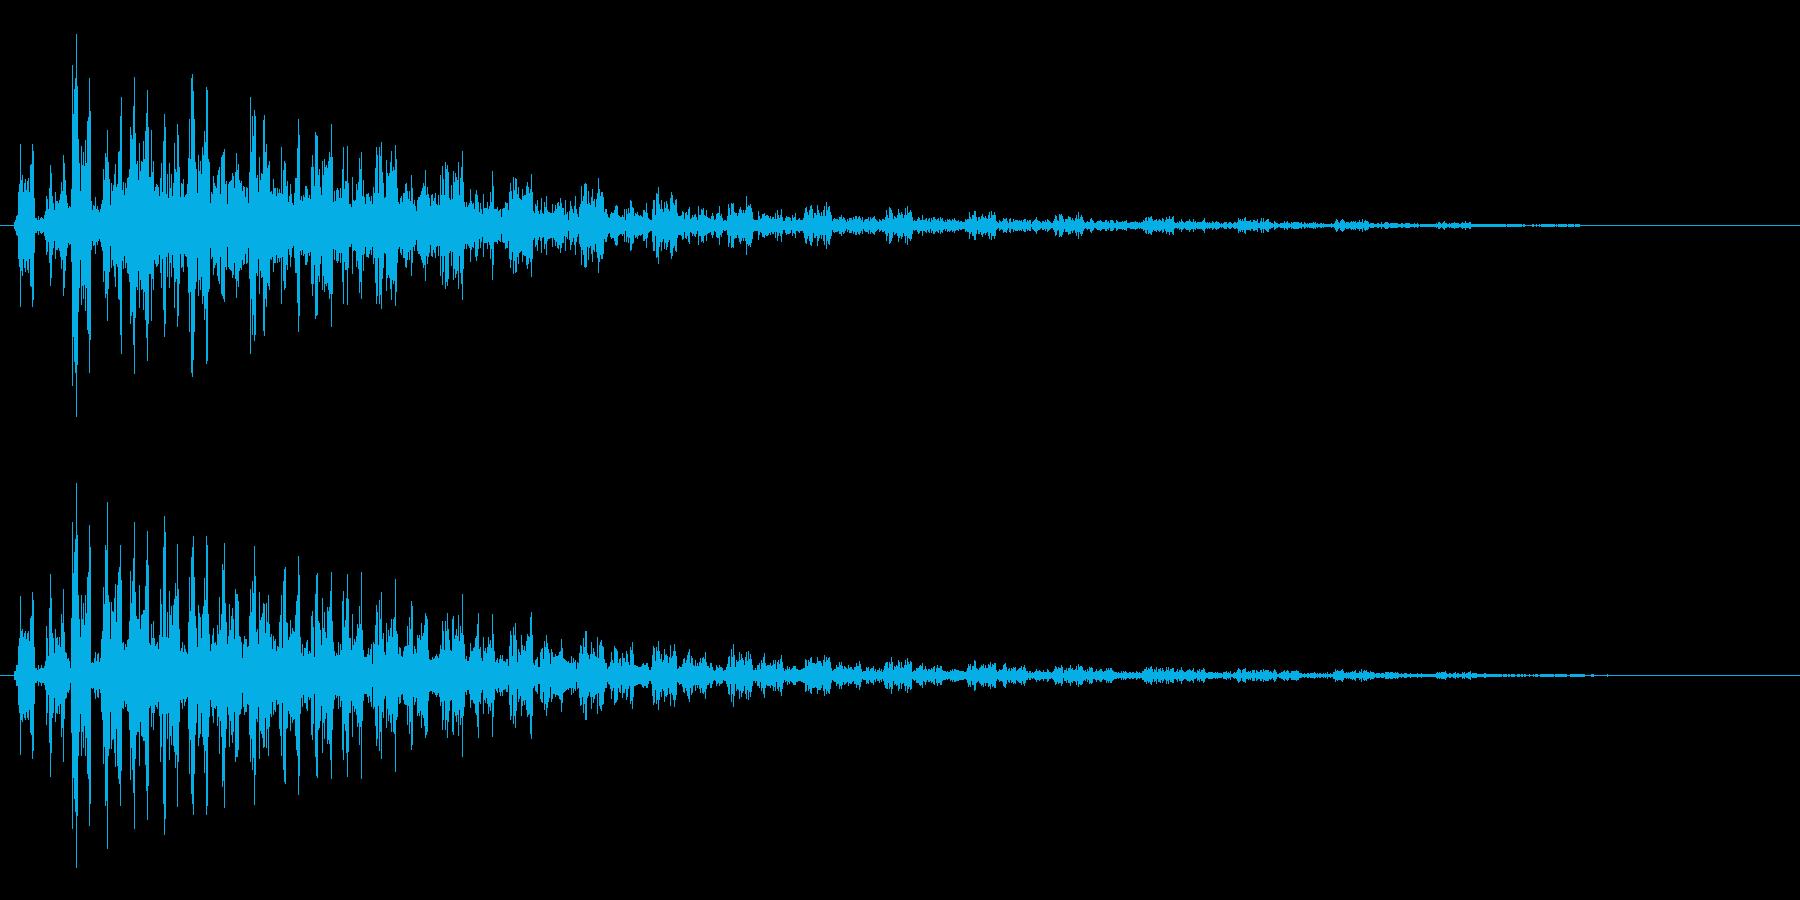 ガルルルル〜ンという効果音の再生済みの波形